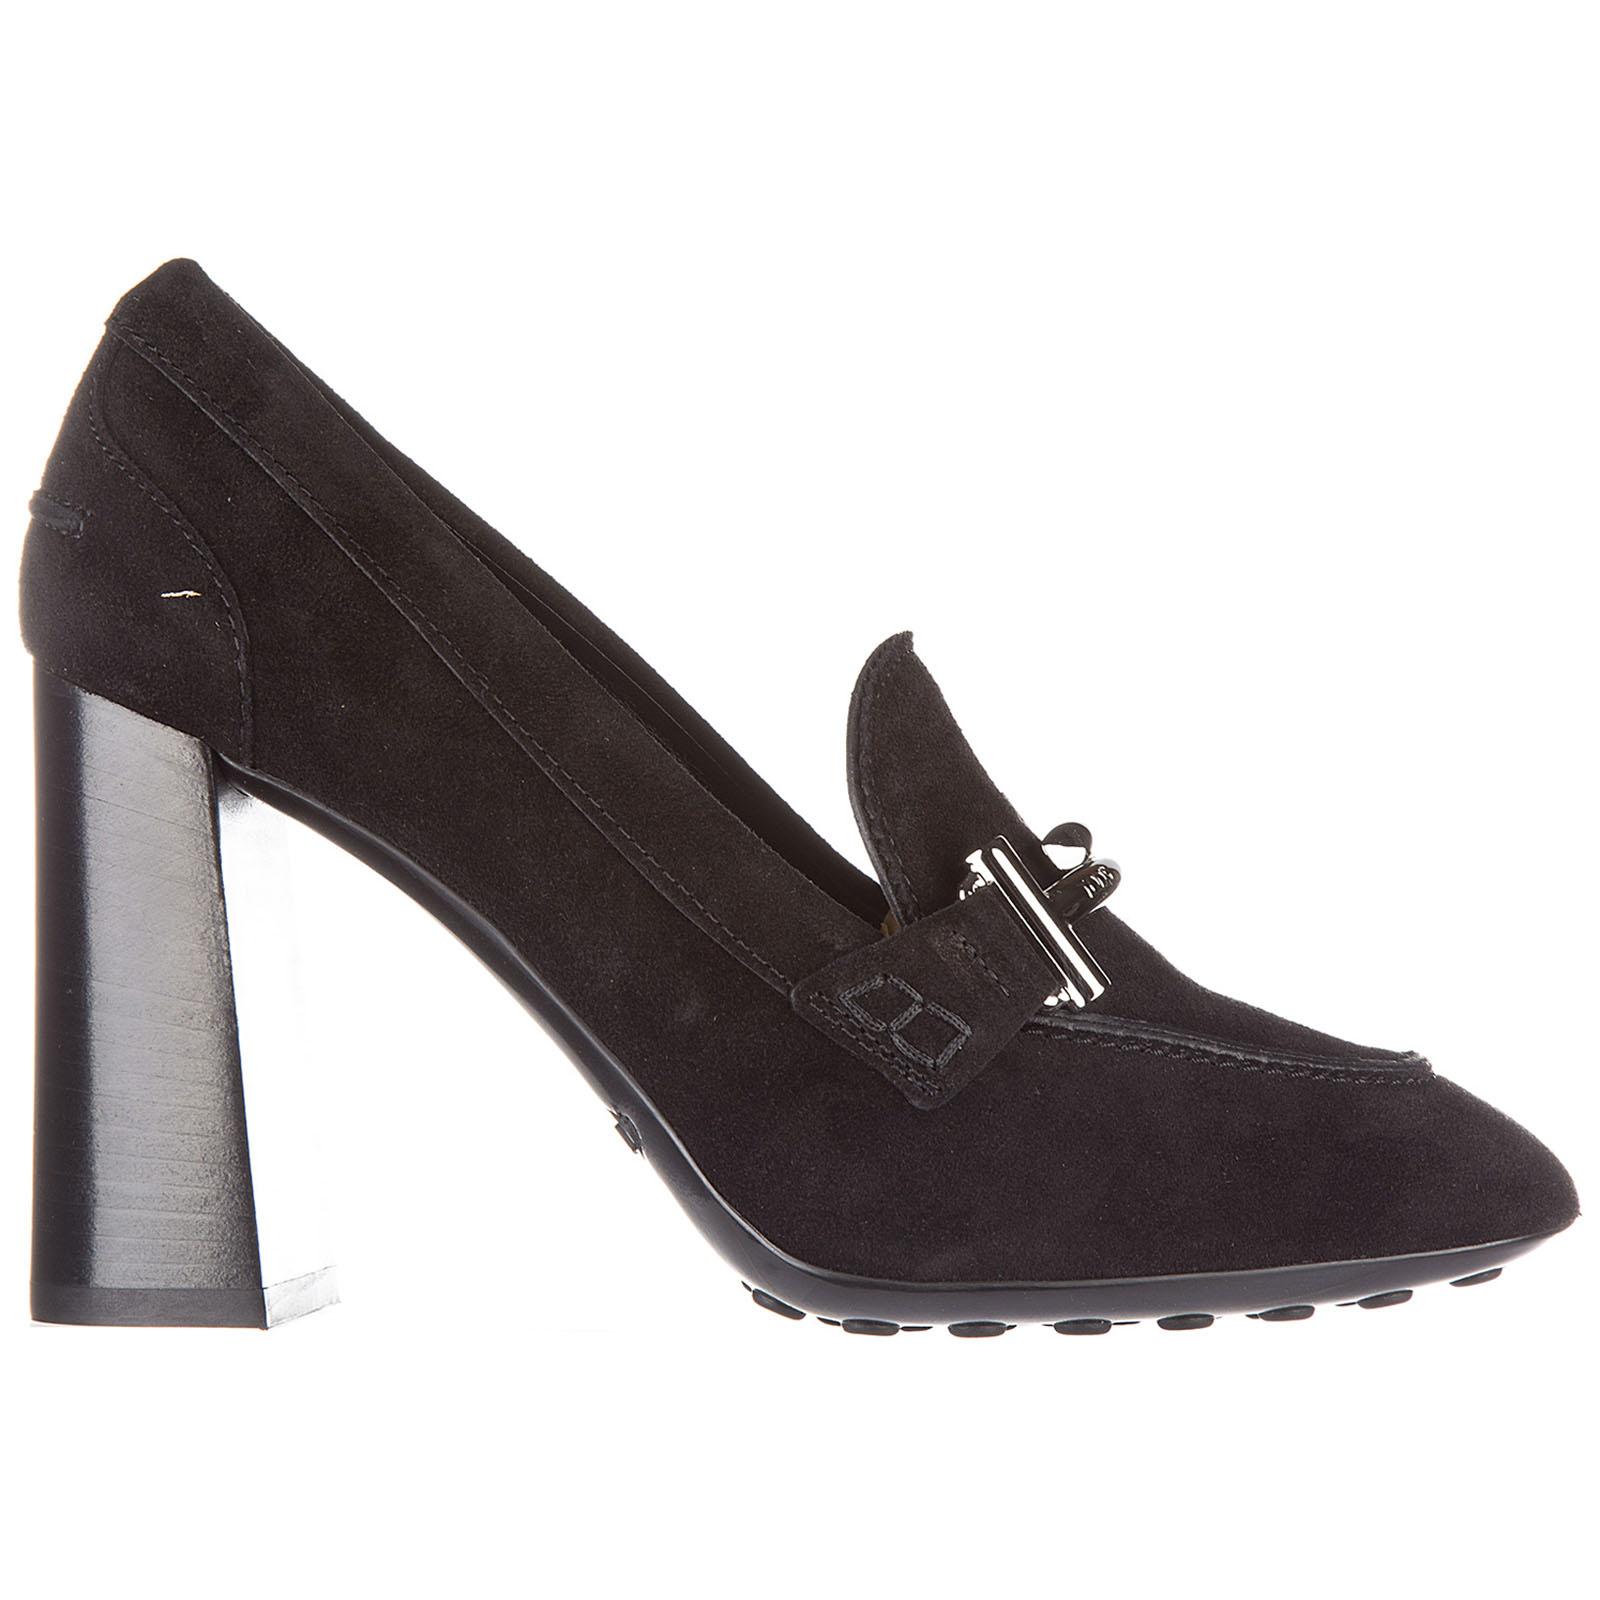 Escarpins chaussures femme à talon en daim double t